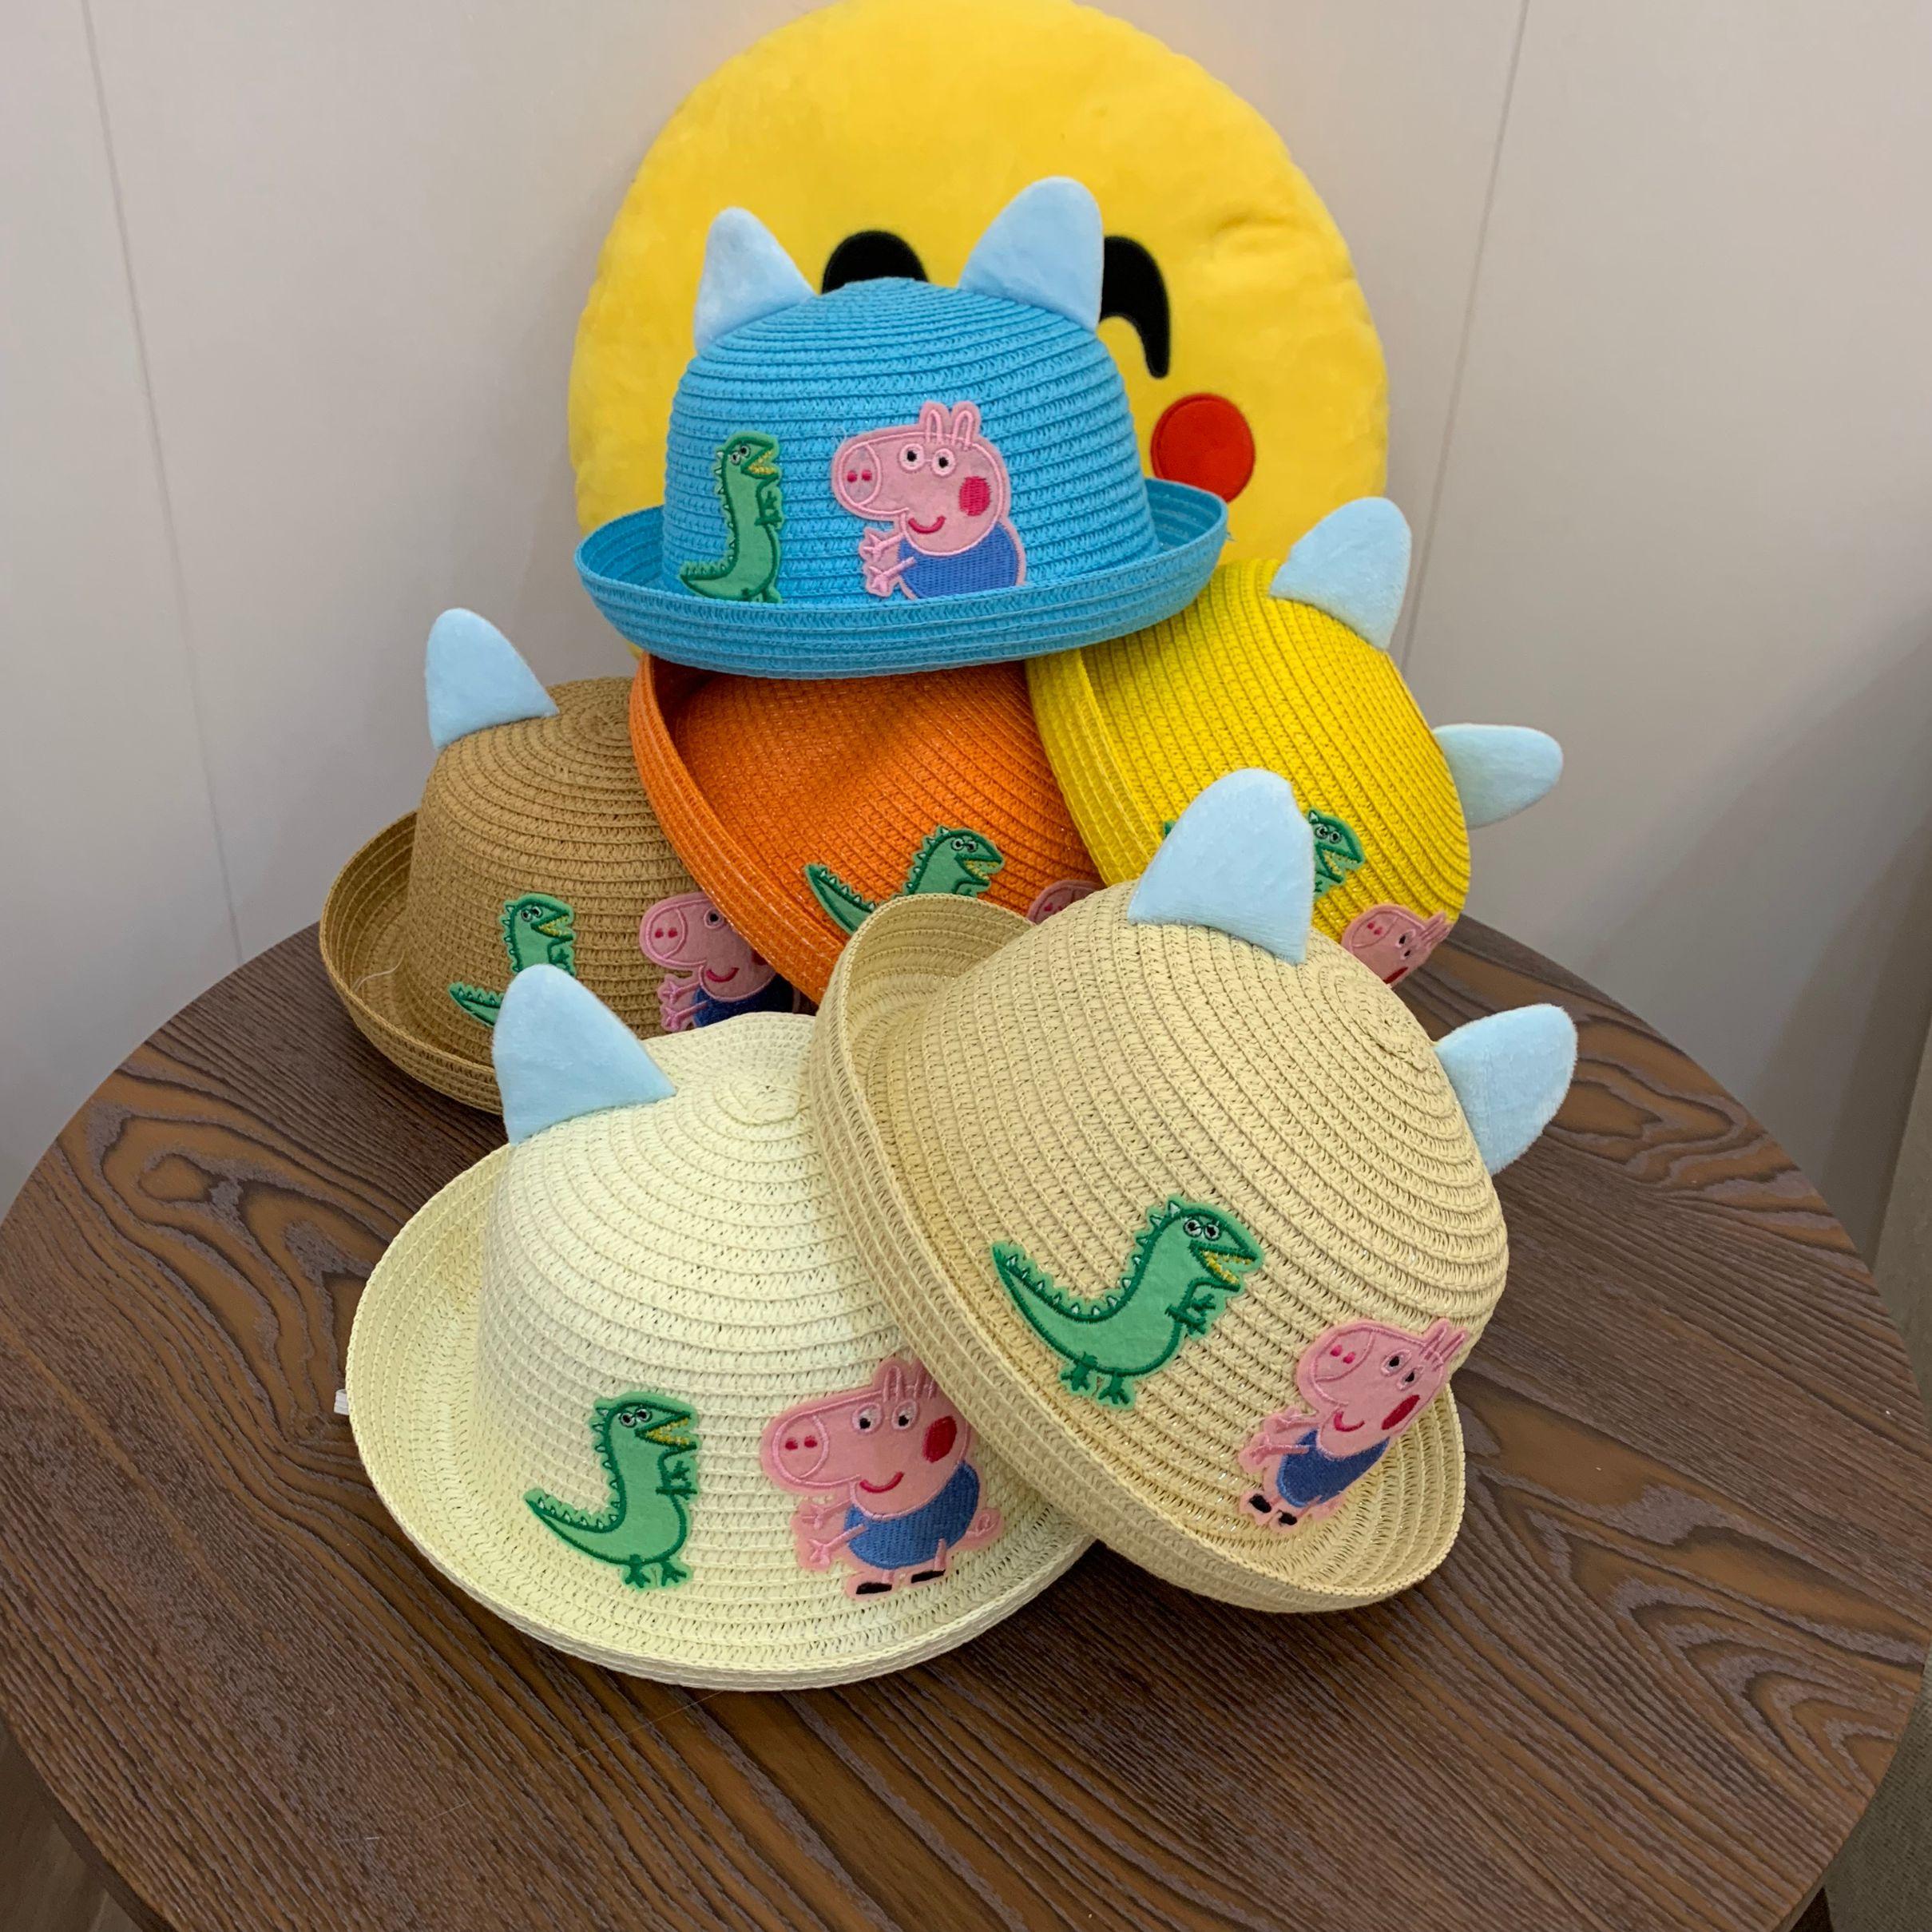 厂家爆款旅游防晒草帽卡通熊猫太阳帽 创意儿童礼品帽一件代发28